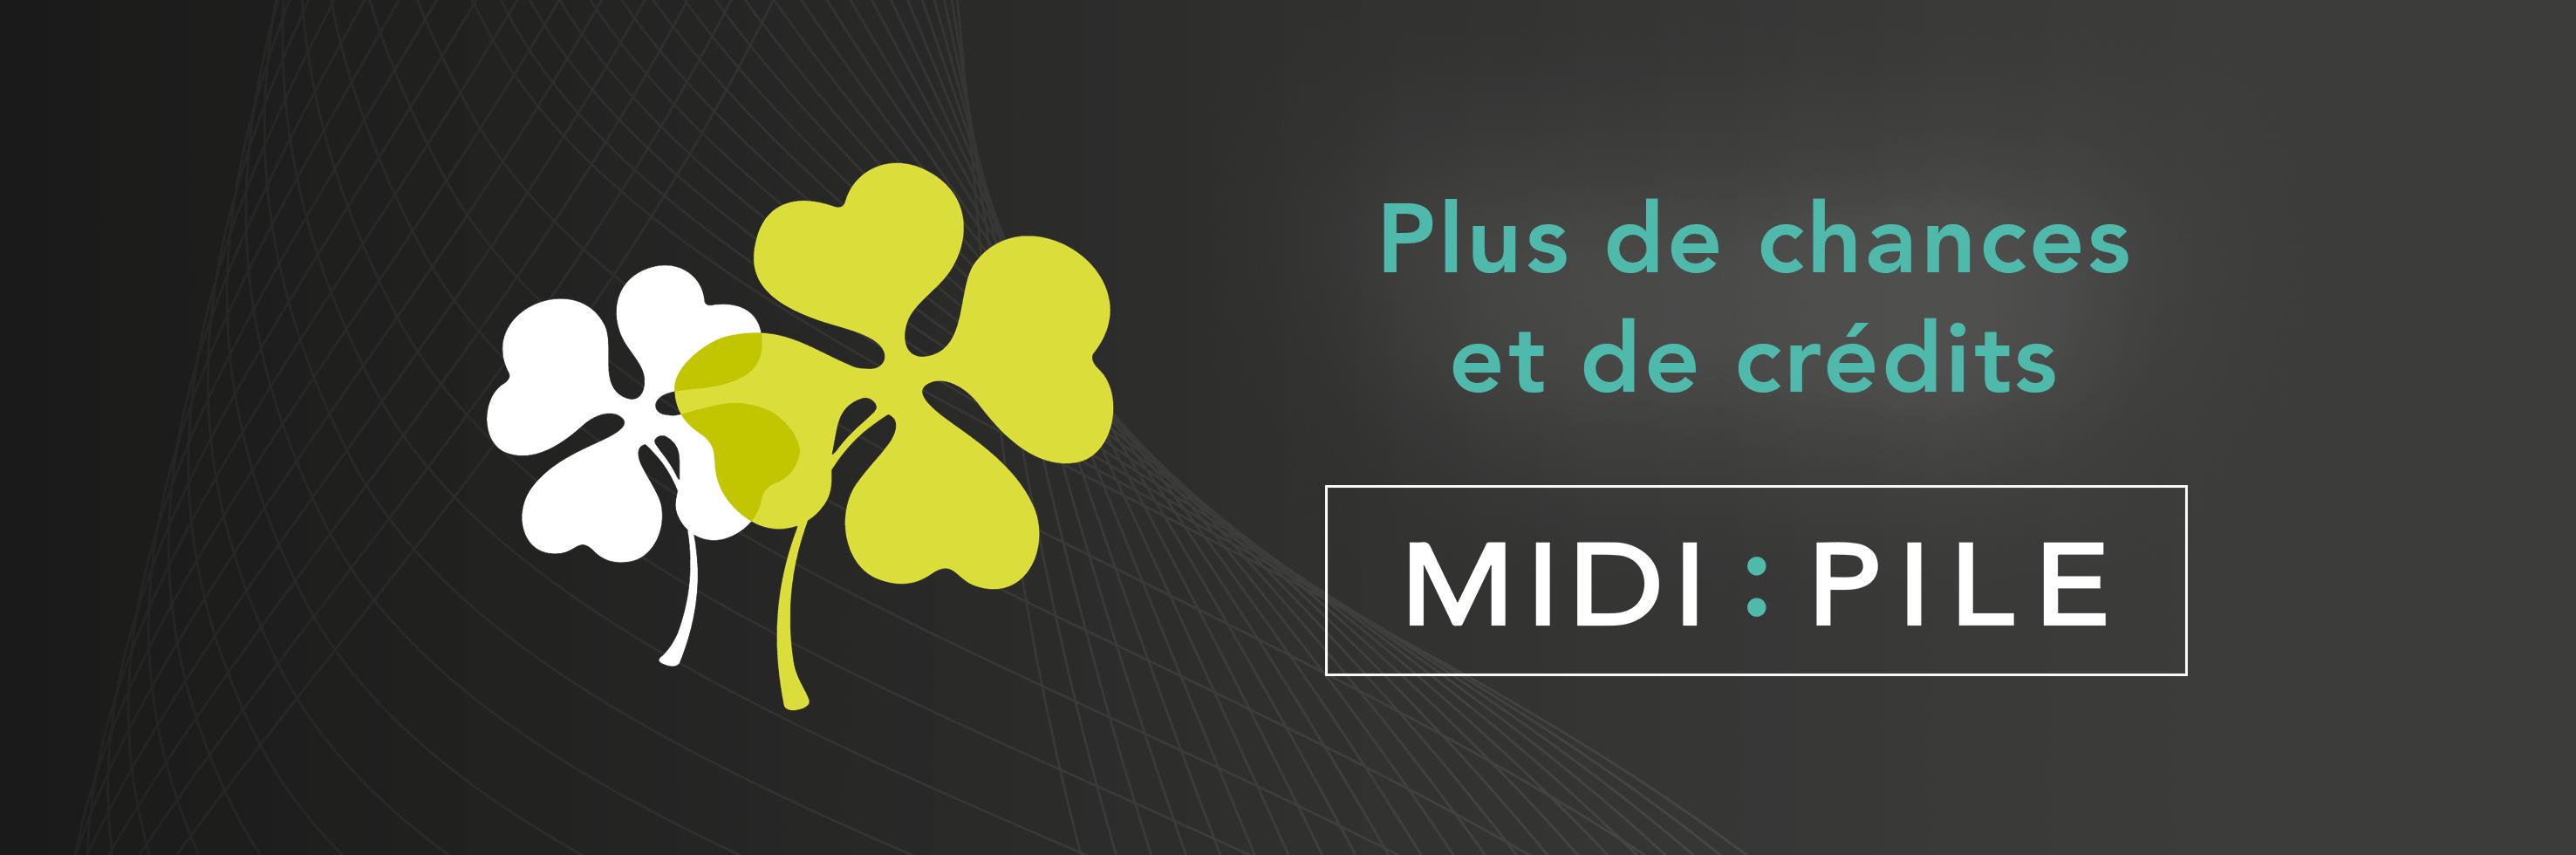 Chances & Crédits Midipile